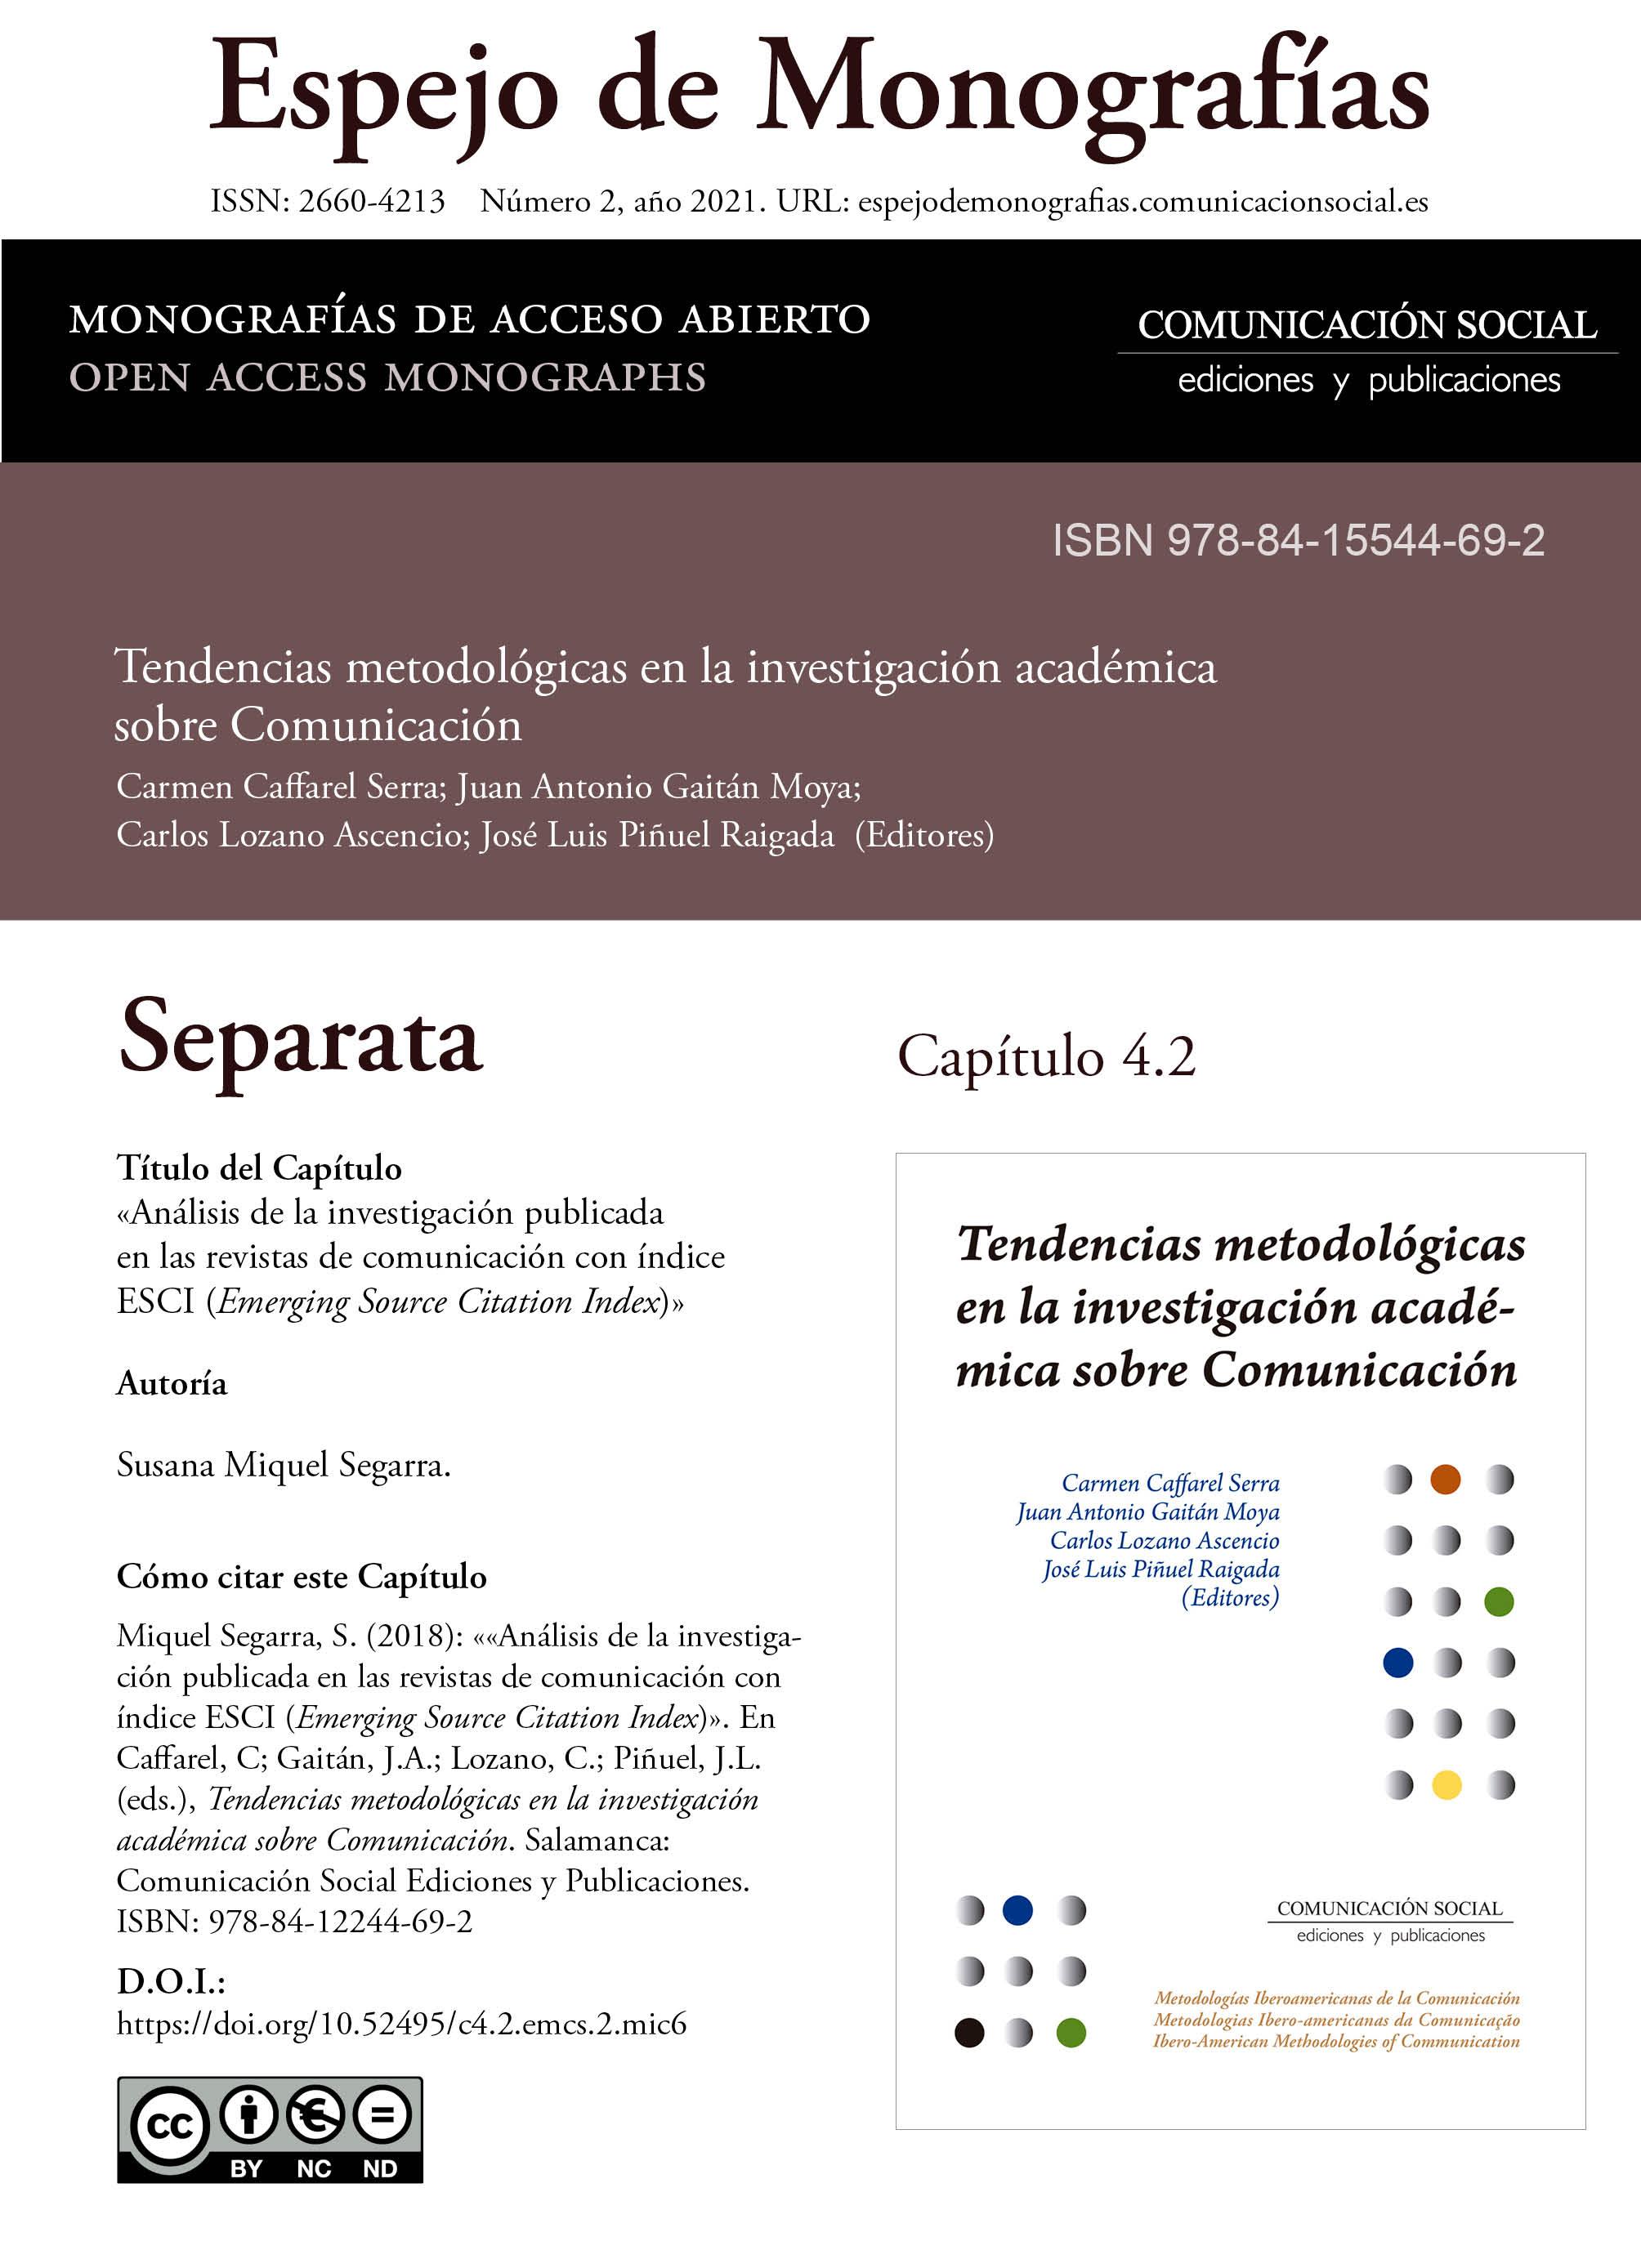 Separata del Capítulo 4.2 correspondiente a la monografía Tendencias metodológicas en la investigación académica en Comunicación